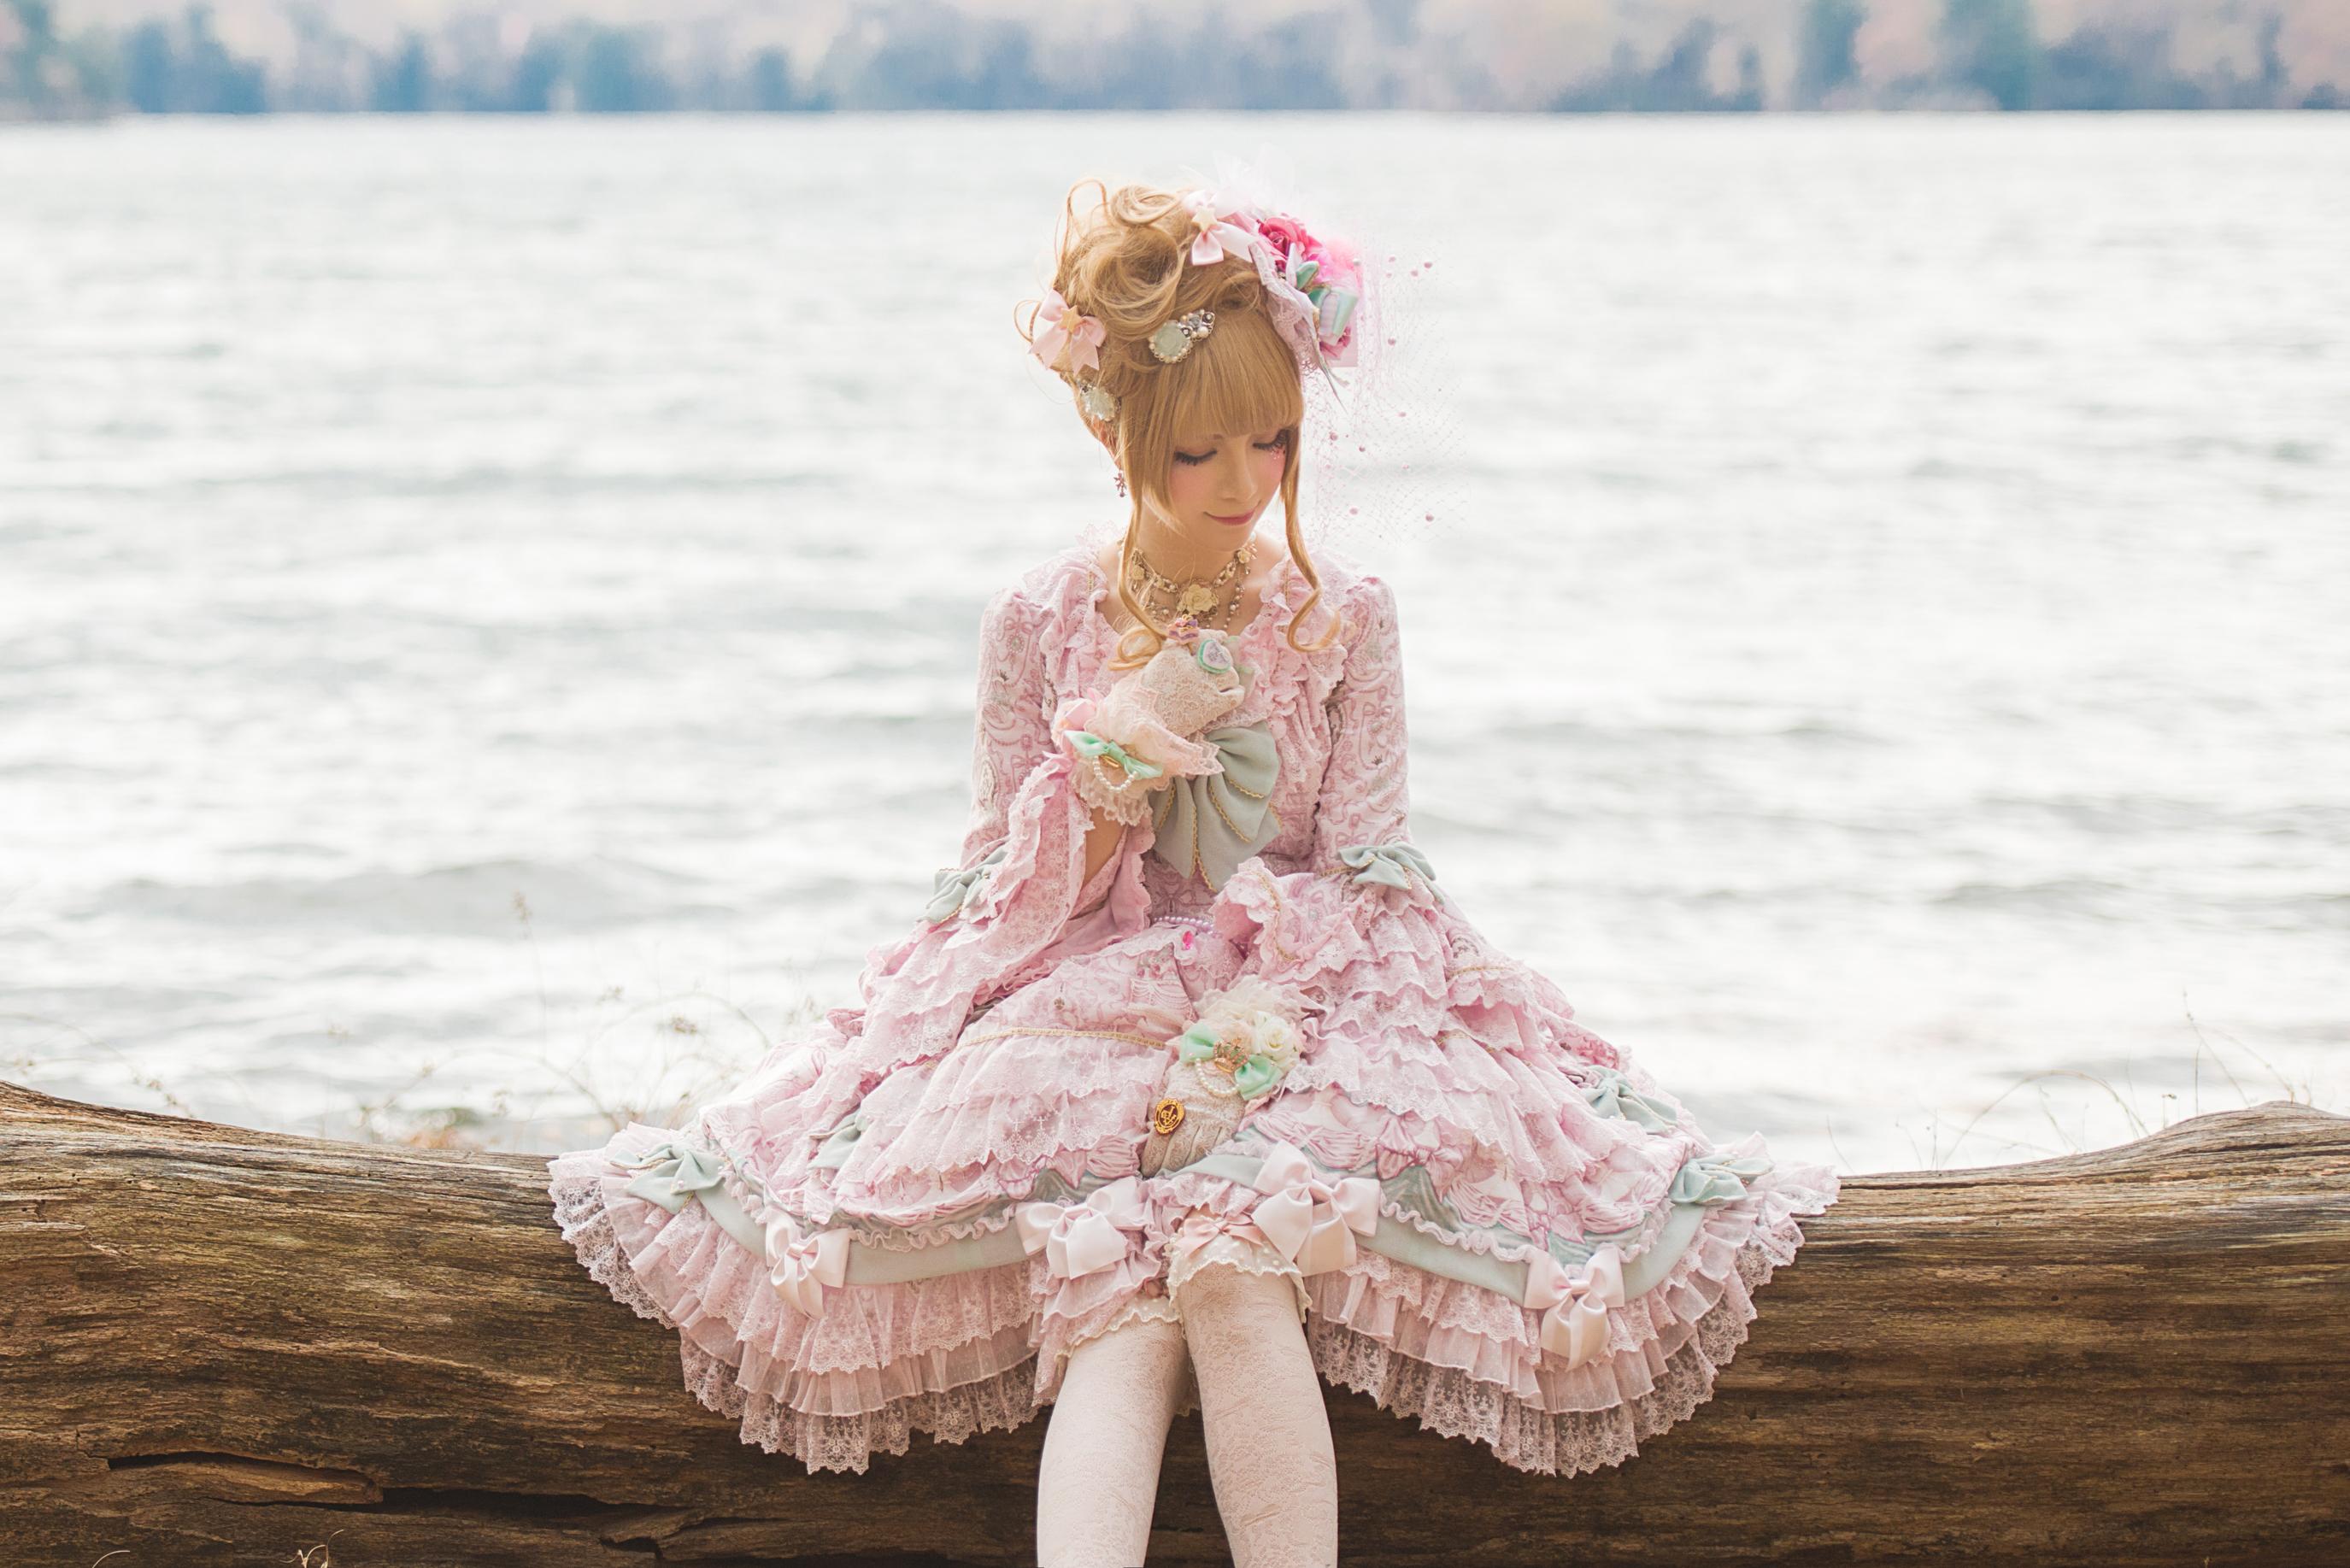 LolitaFashion_by_CurtisPan_06